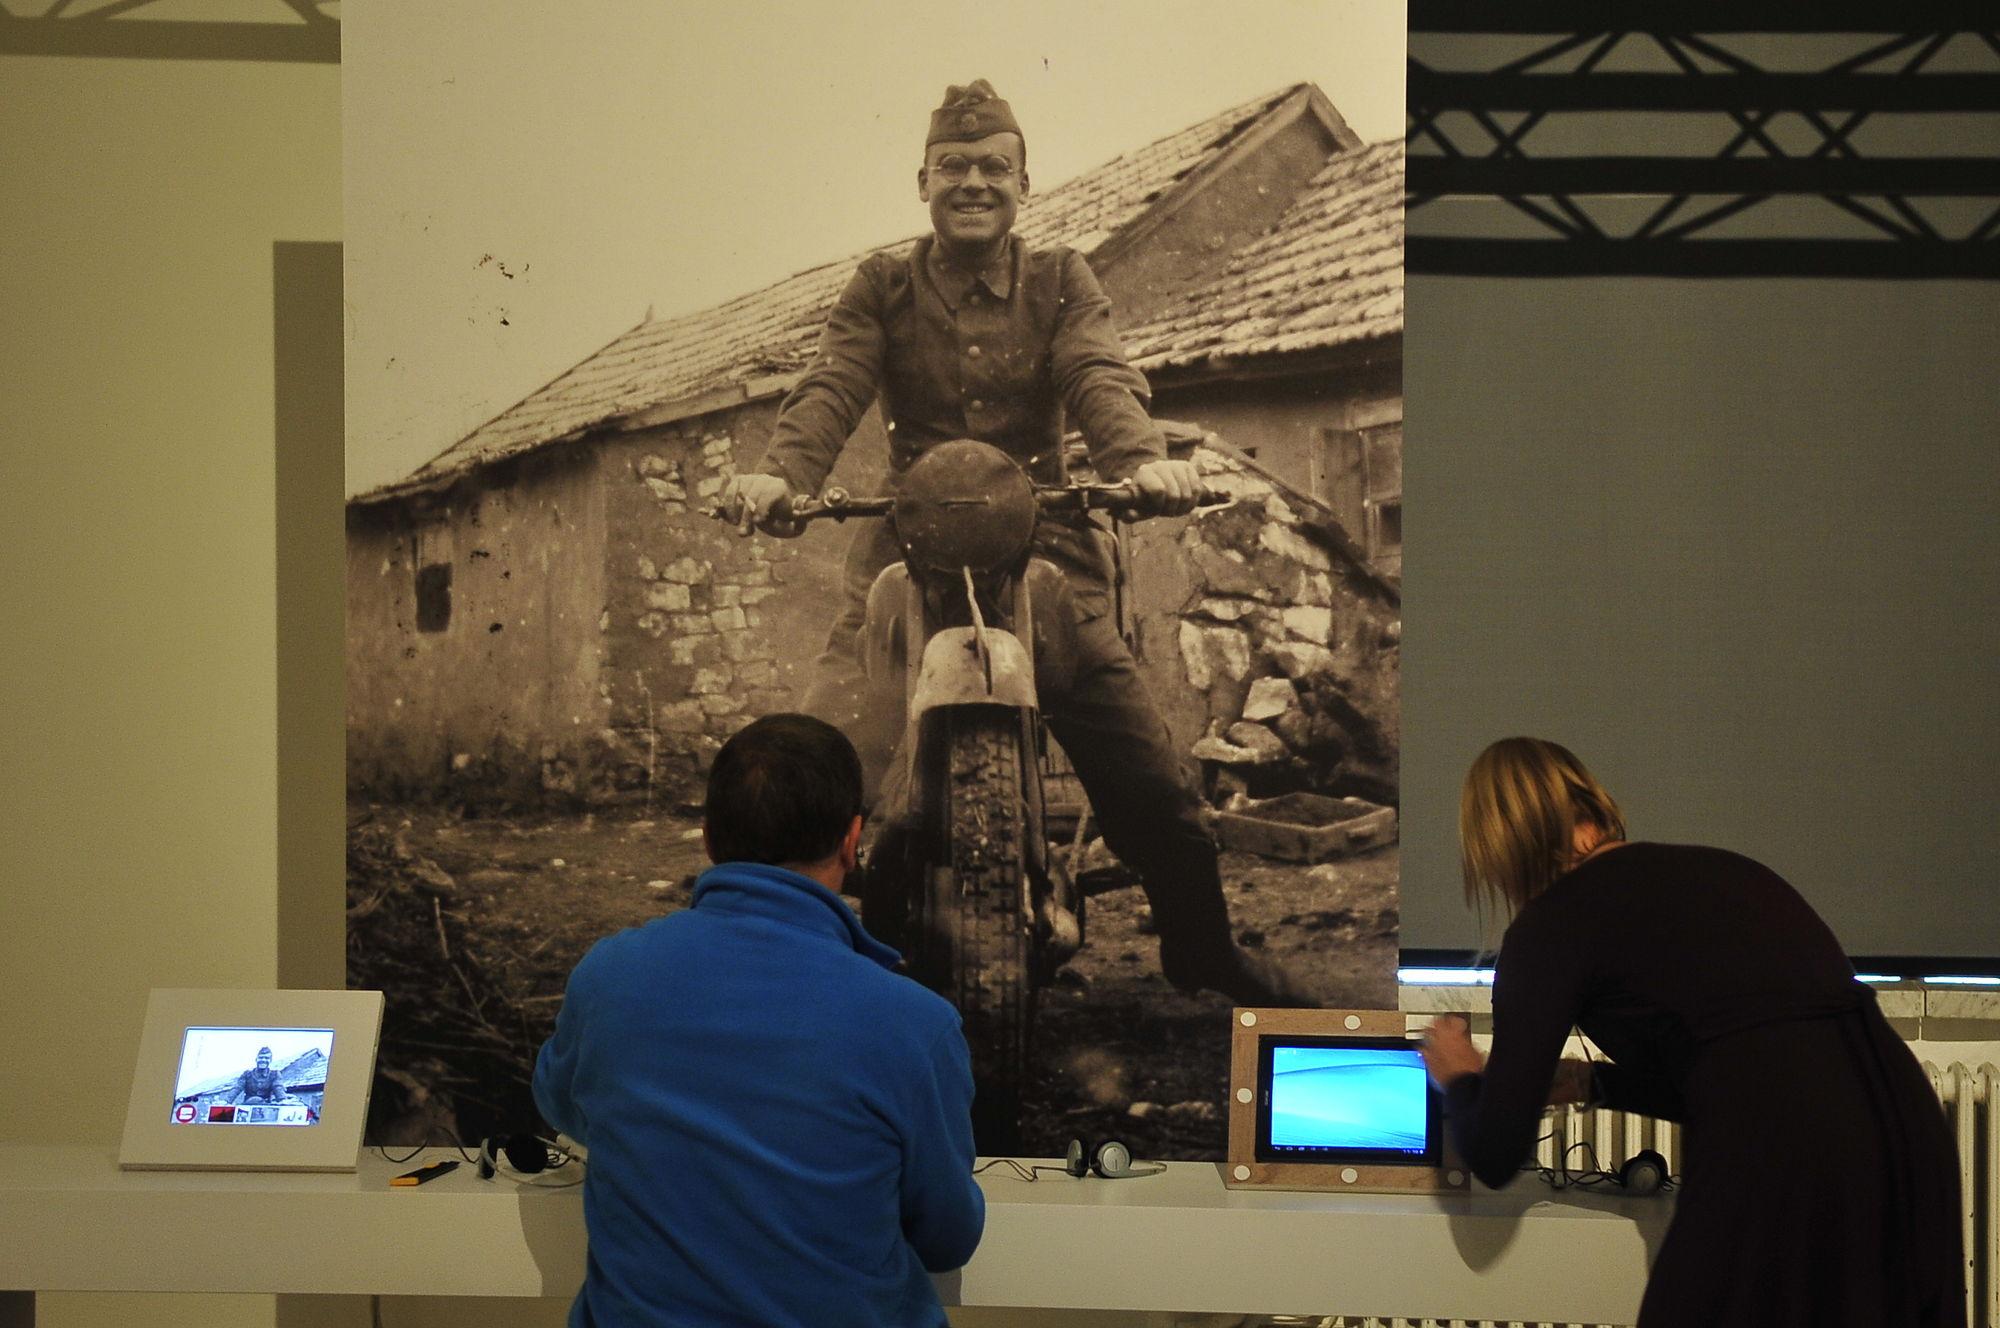 Onbekende beelden, sterke verhalen. Belgen in oorlog 04